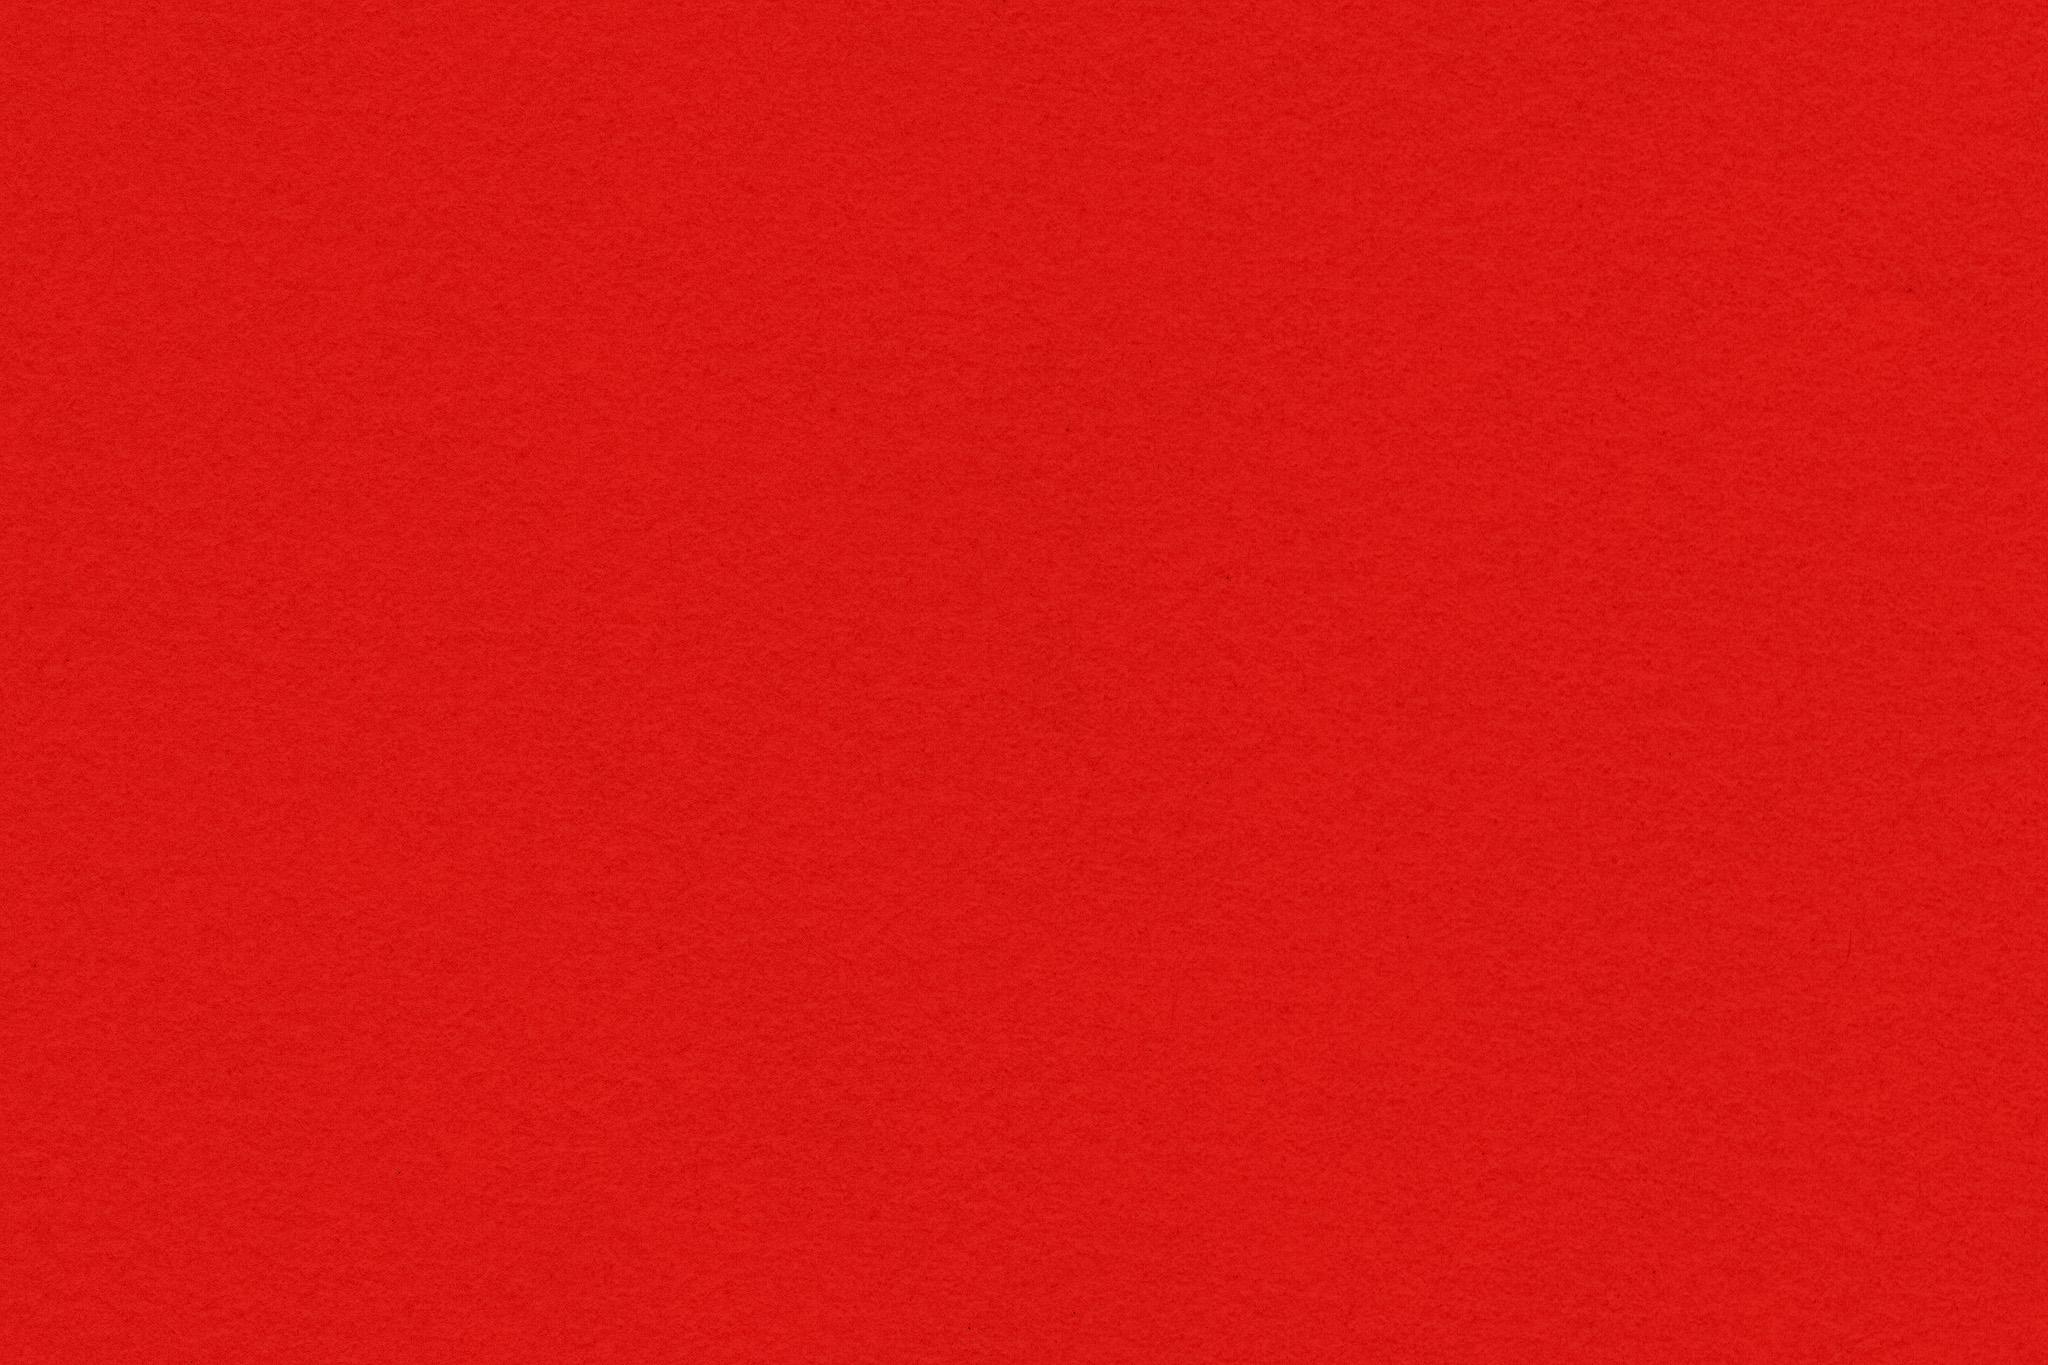 「真っ赤な折紙の背景素材」の画像を無料ダウンロード